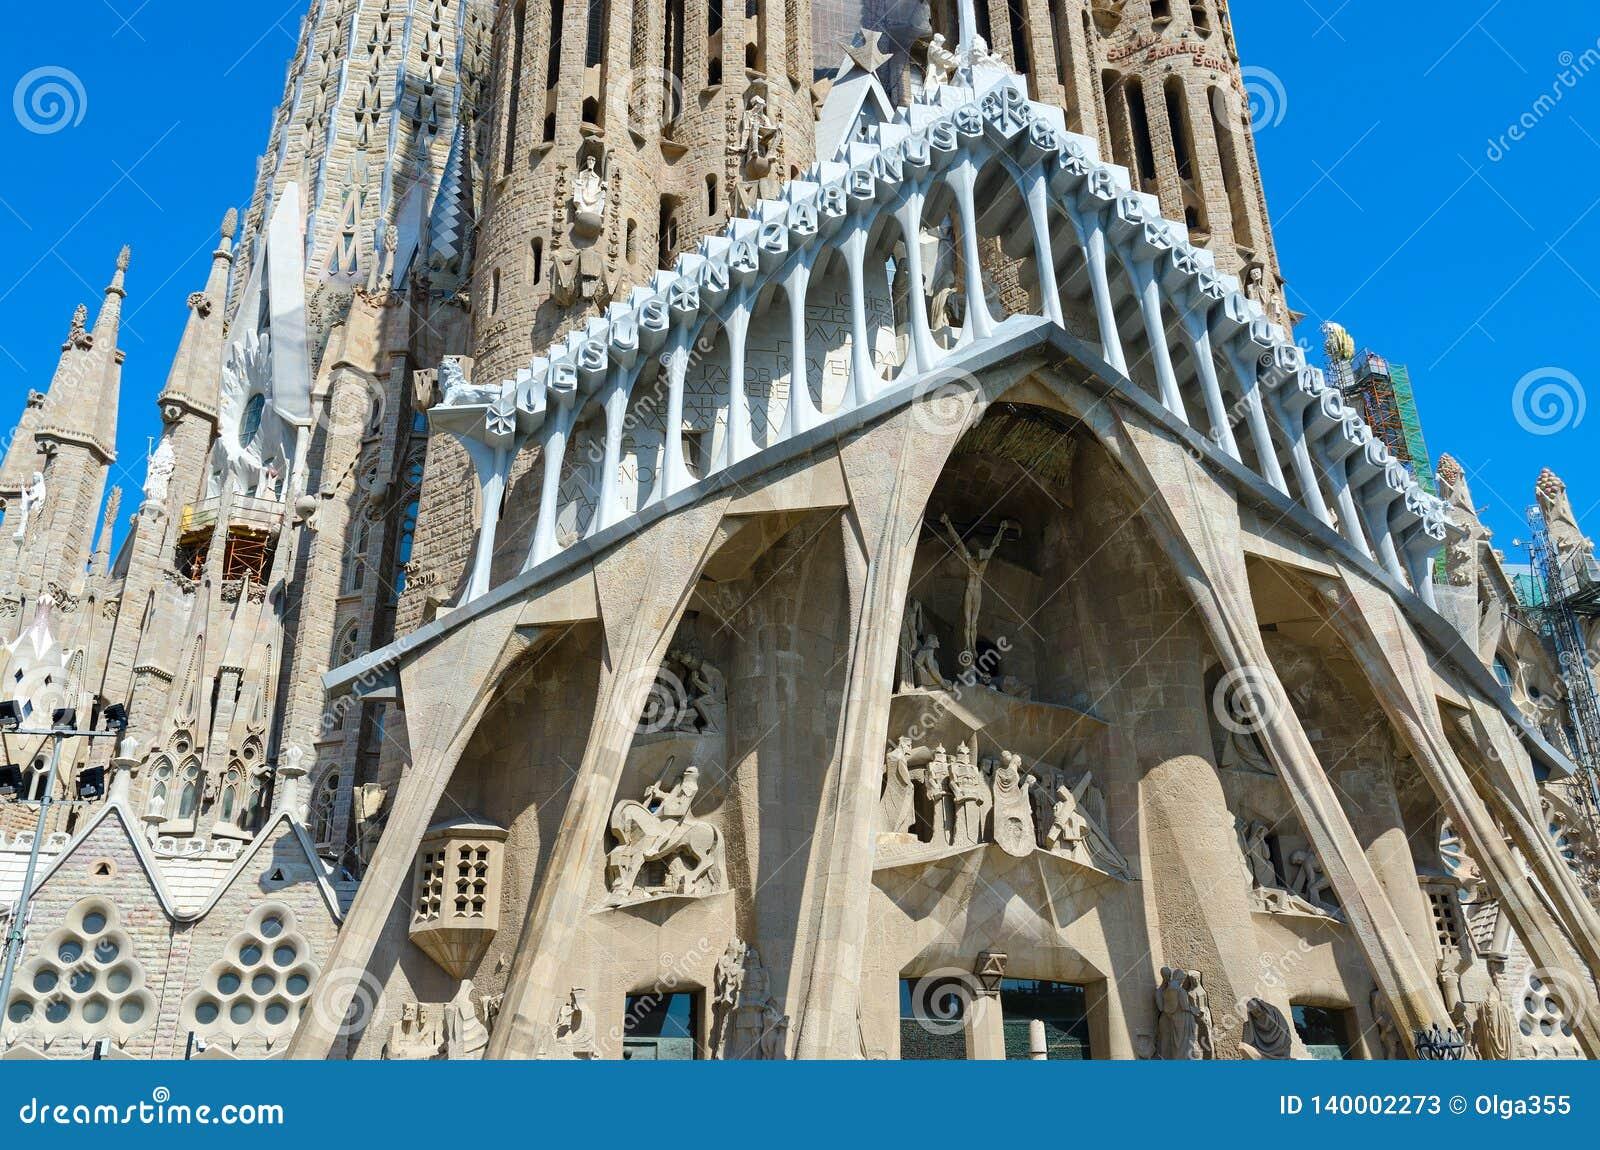 Fragment of famous Expiatory Church of Holy Family Sagrada Familia, Barcelona, Spain